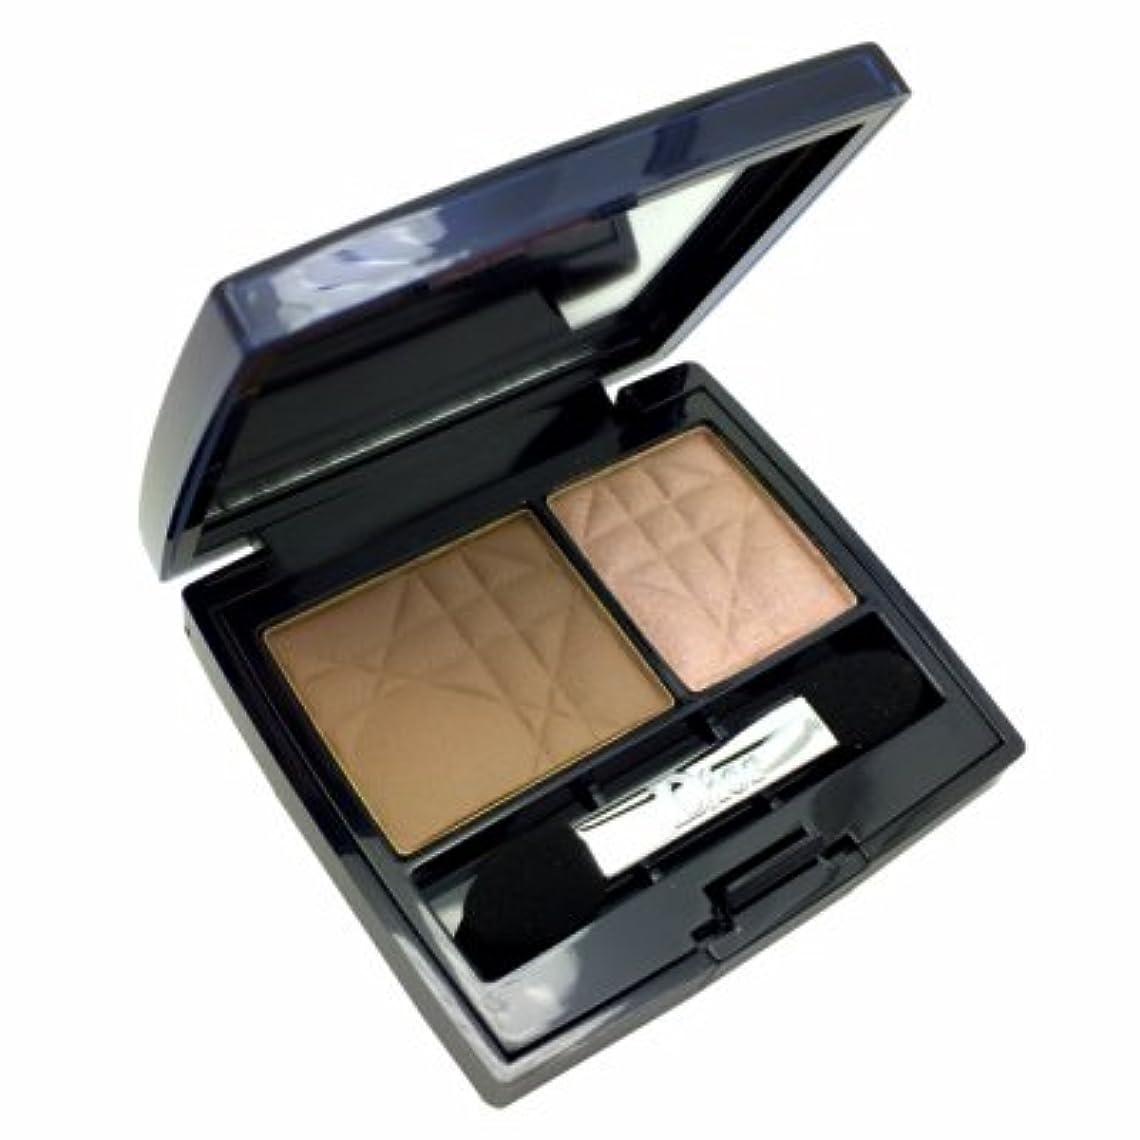 モスだらしない最初Dior 2 Couleurs Matte & Shiny Duo Eyeshadow 365 Nude Look(ディオール デュオ クルール マット&シャイン デュオ アイシャドウ 365 ヌード ルック)[海外直送品...